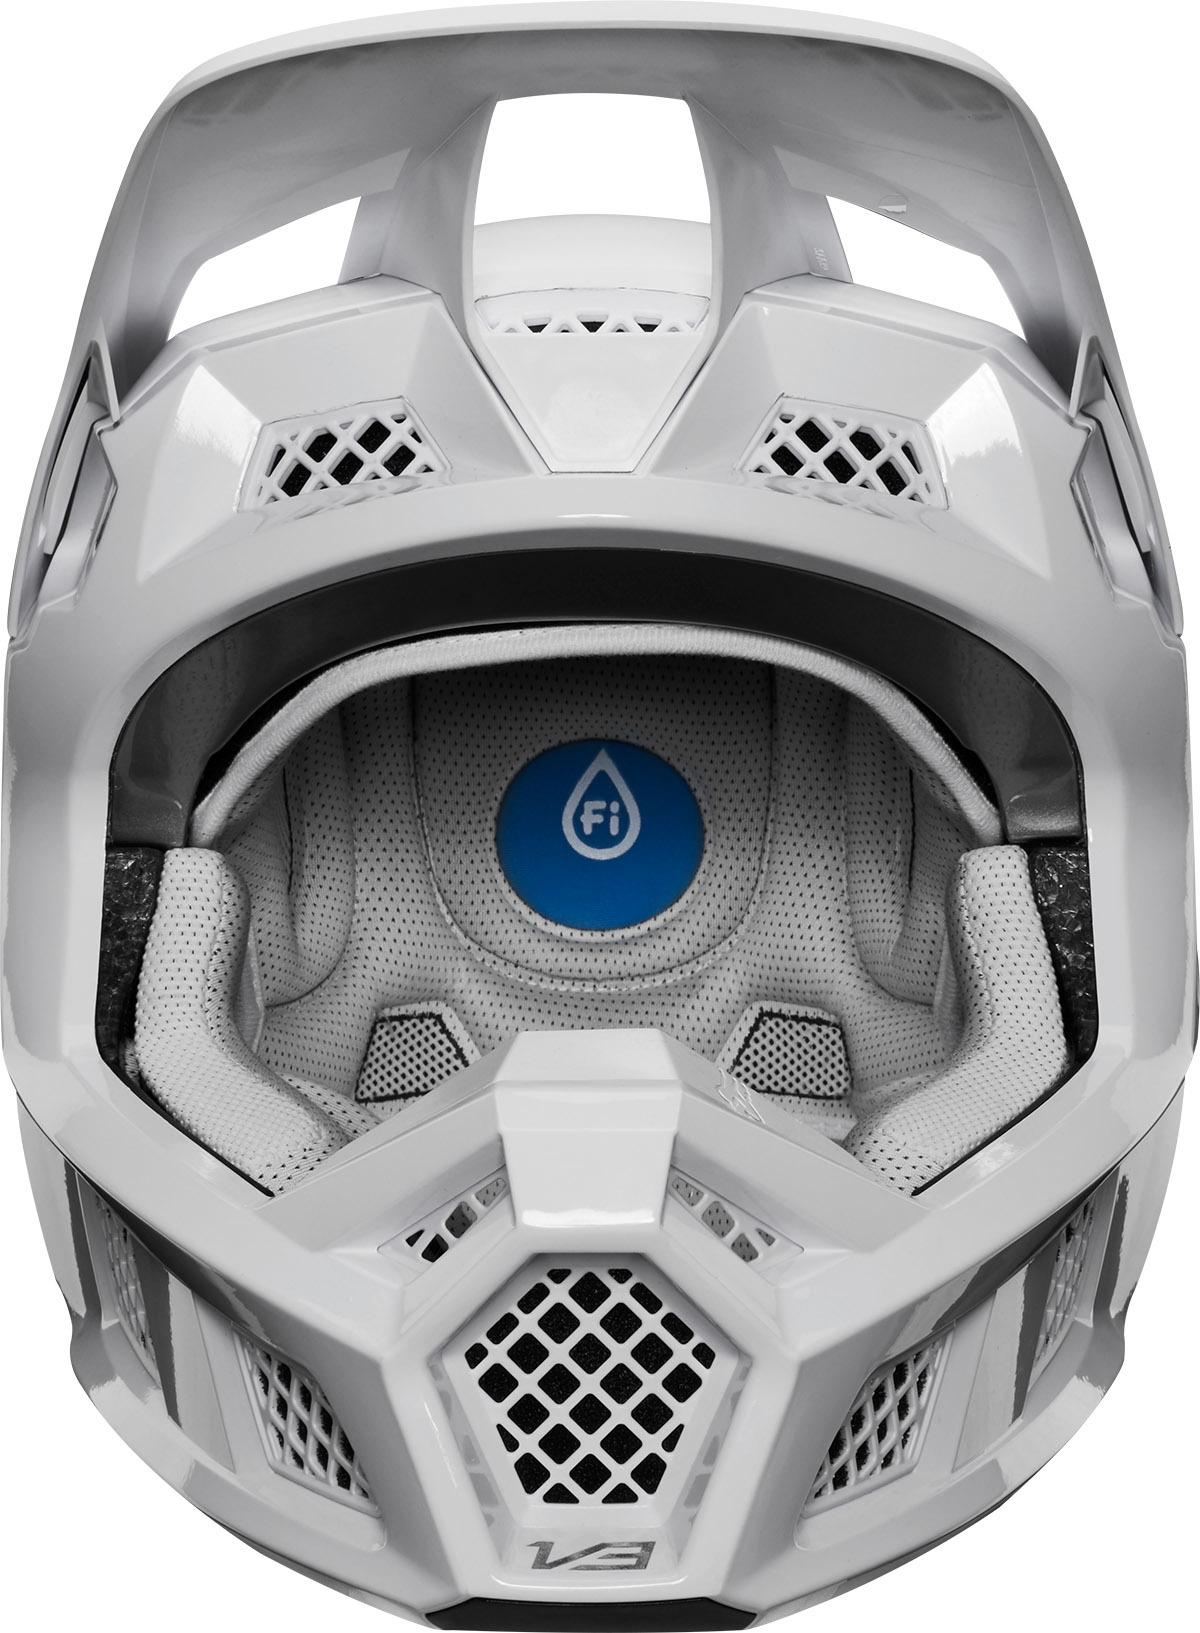 v3-helmet-5.jpg#asset:16901